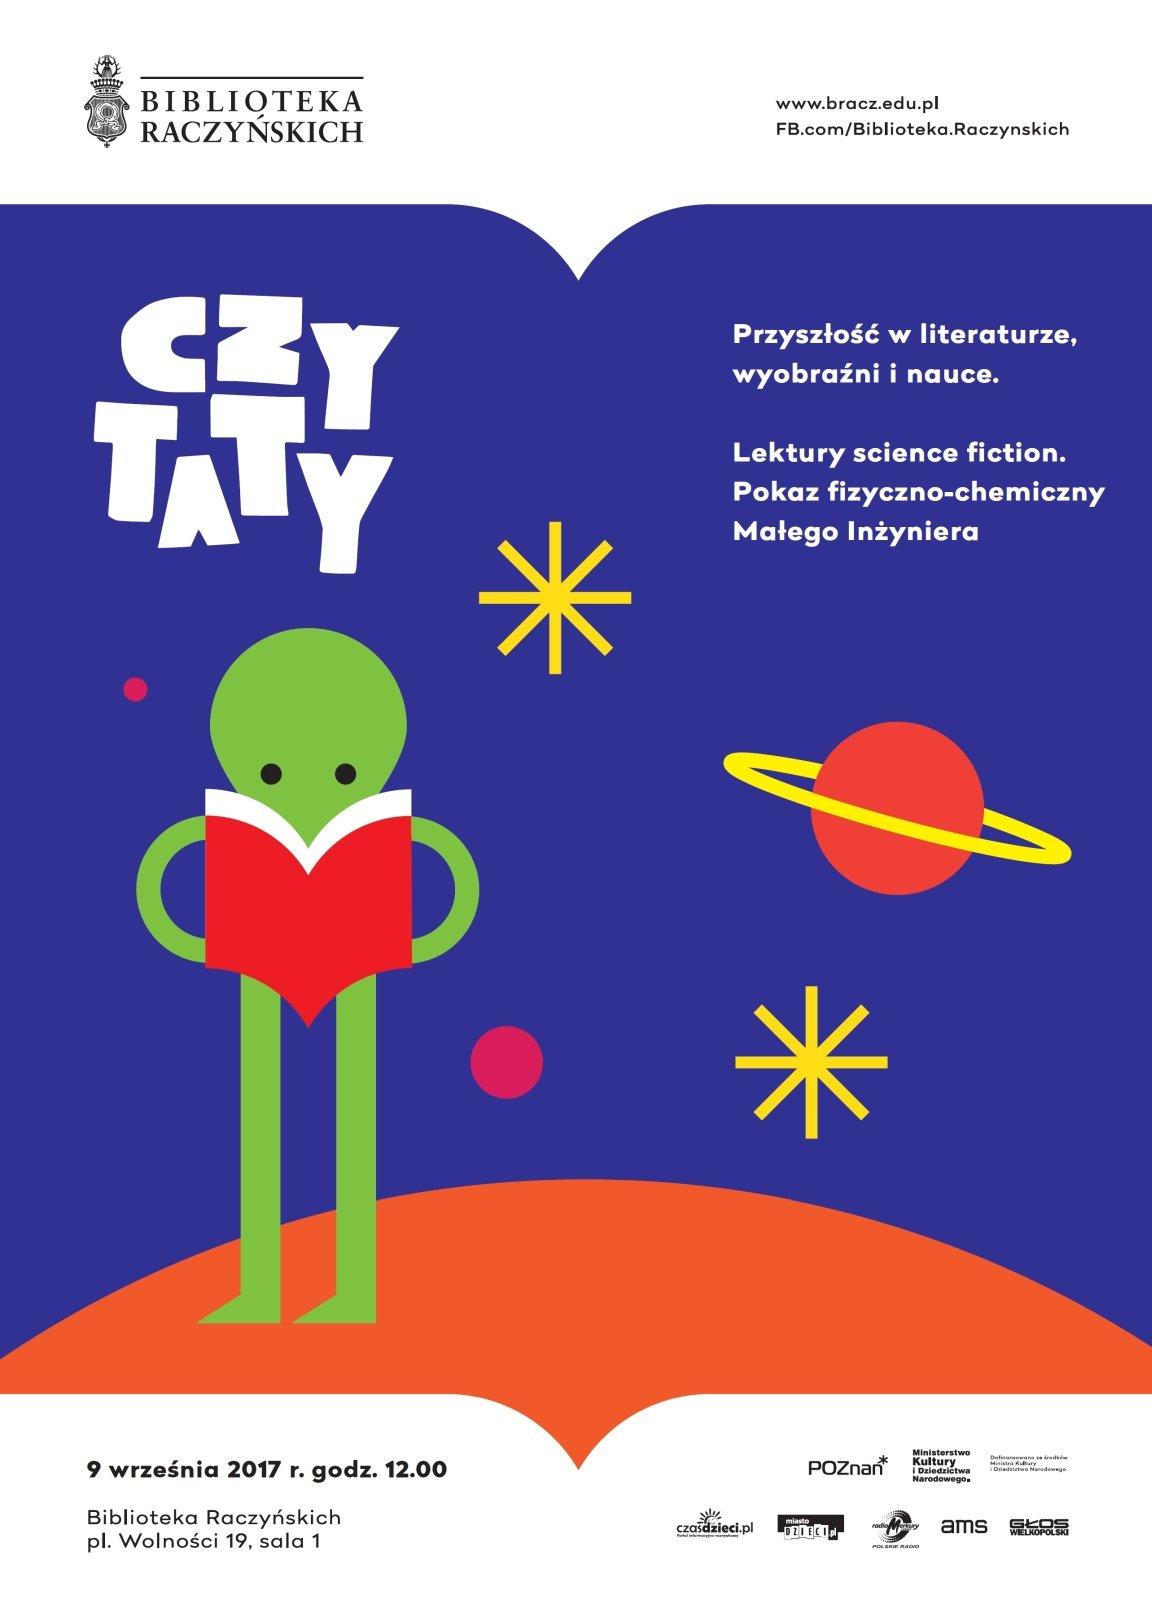 Przyszłość w literaturze, wyobraźni i nauce - kolejne spotkanie z cyklu CZYTATY